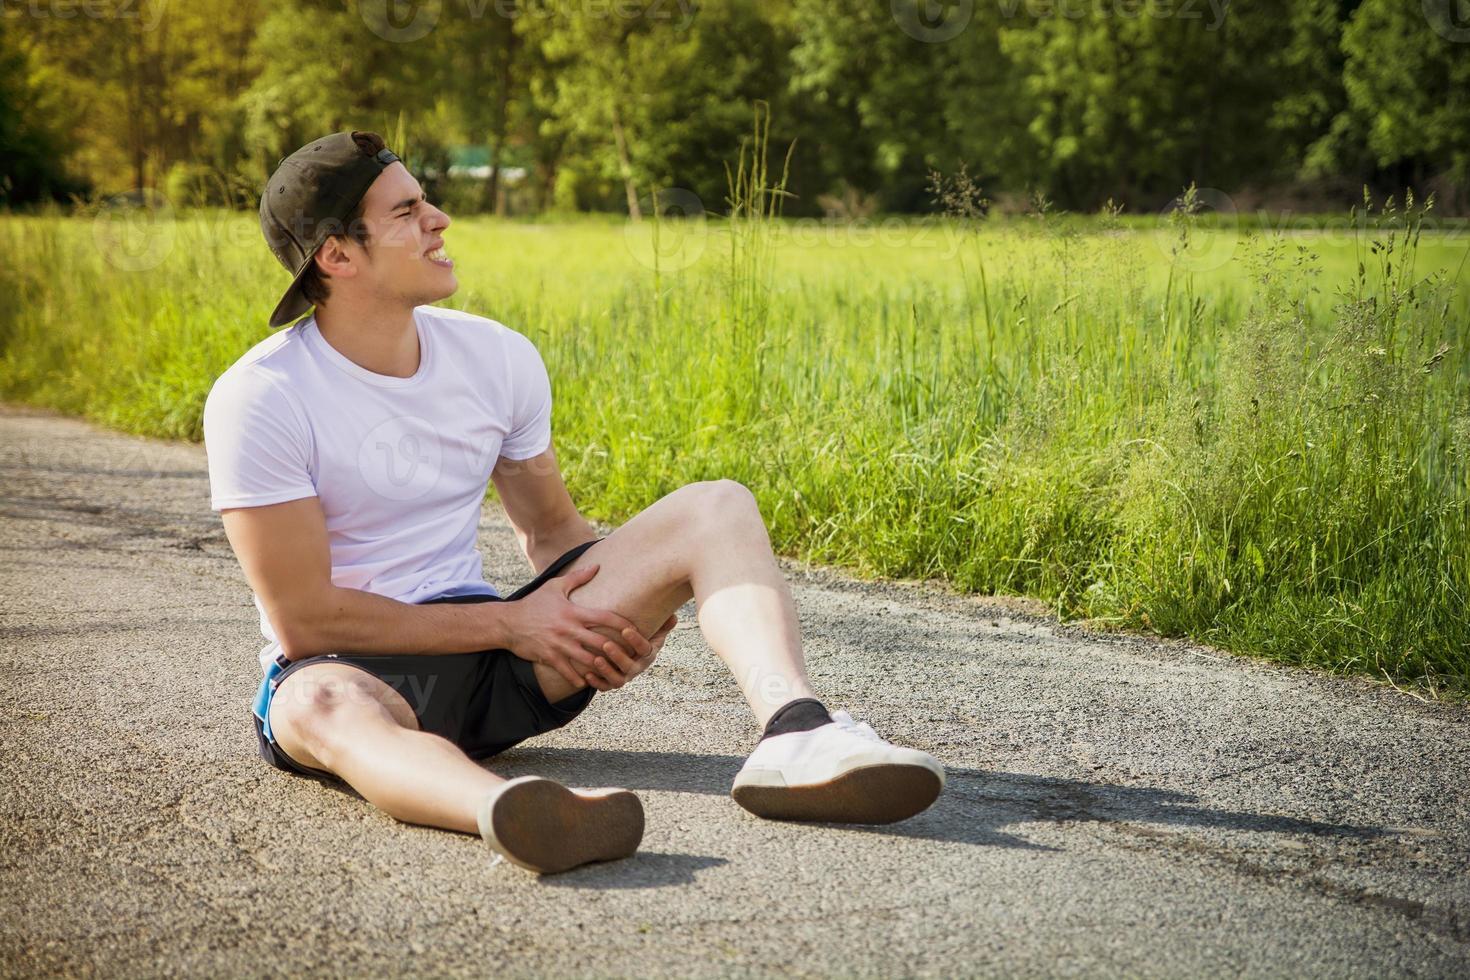 bel giovane ferito mentre correva e faceva jogging su strada foto